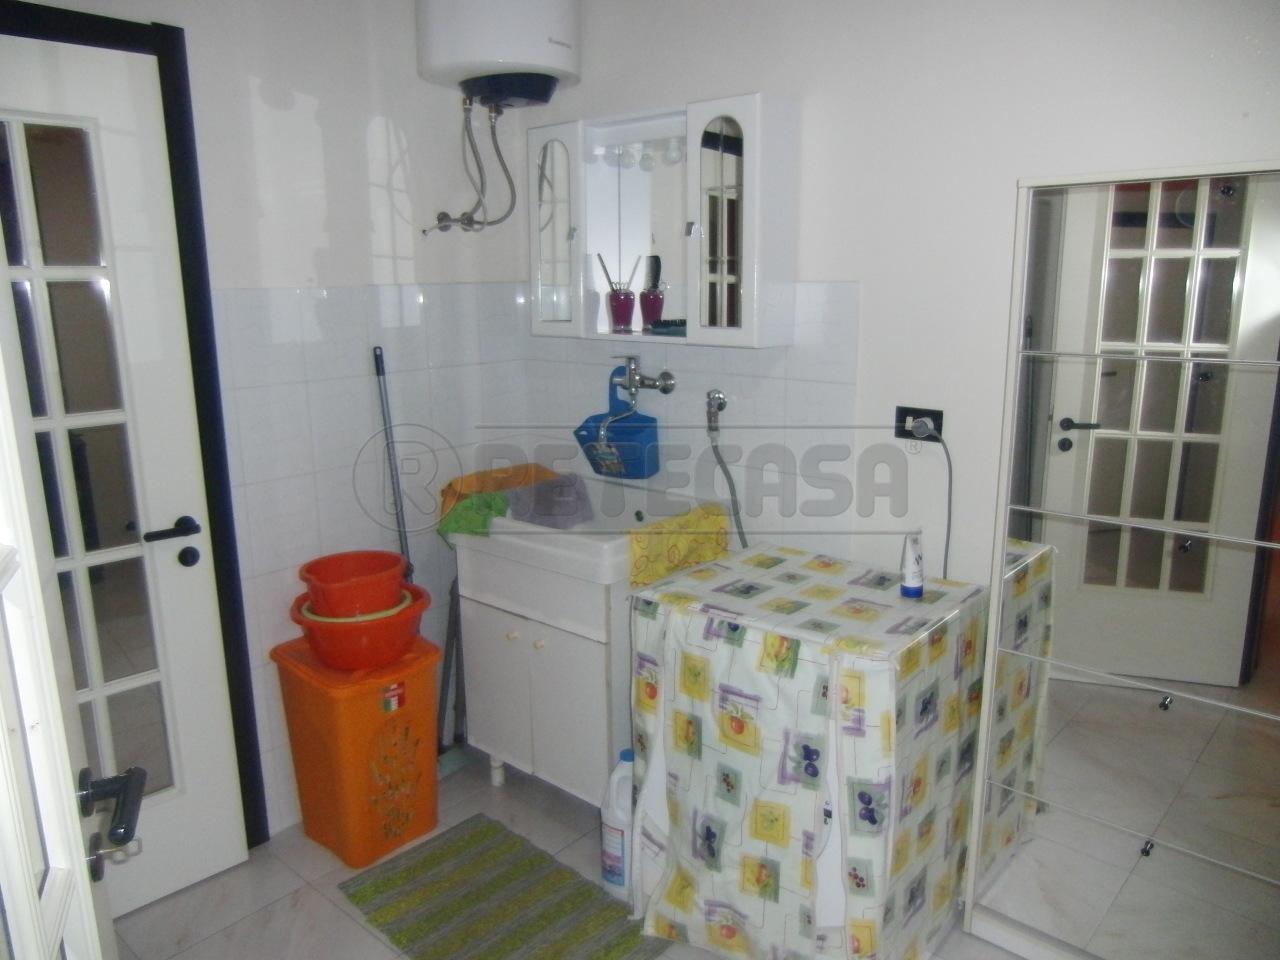 Soluzione Indipendente in vendita a Siracusa, 4 locali, prezzo € 80.000   Cambio Casa.it